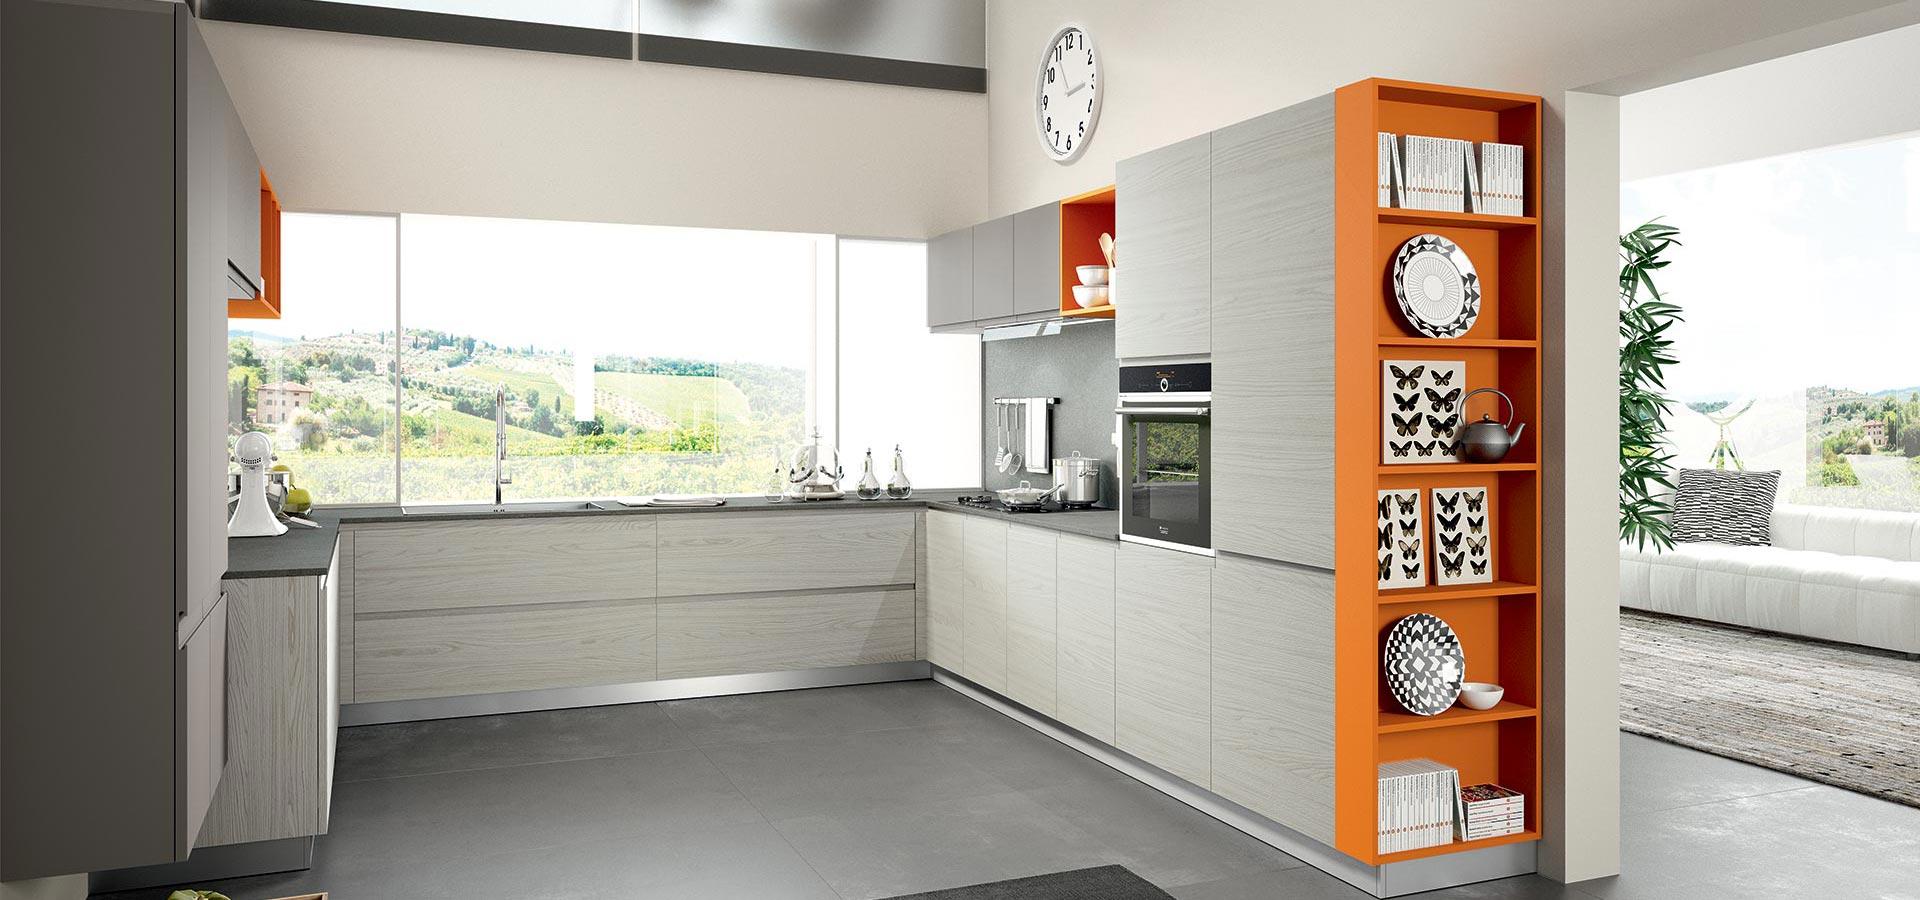 Esempi Di Cucine Moderne. Esempi Di Cucine Moderne With Esempi Di ...